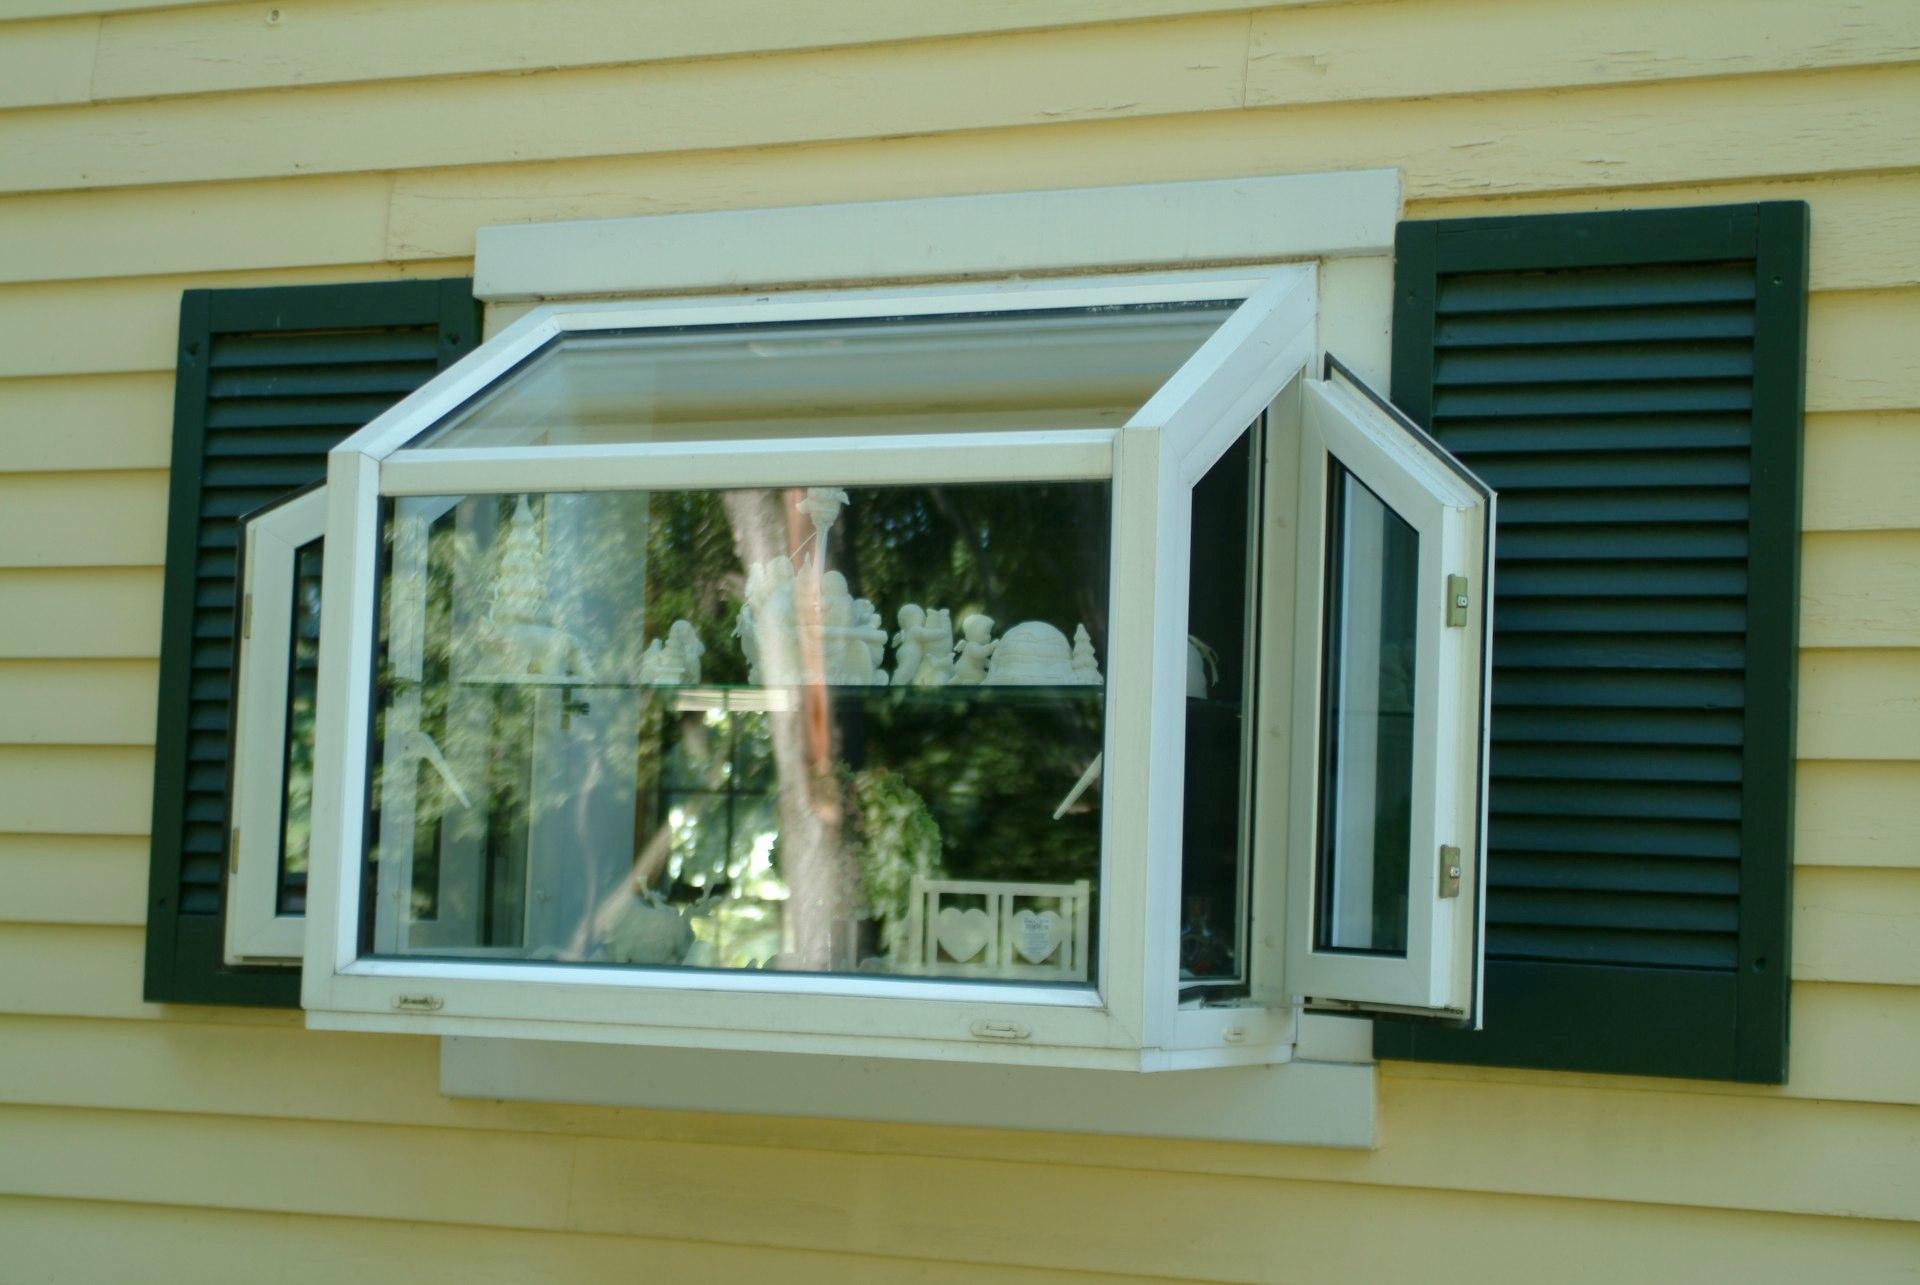 Euclid Jalousies Sunroom Construction